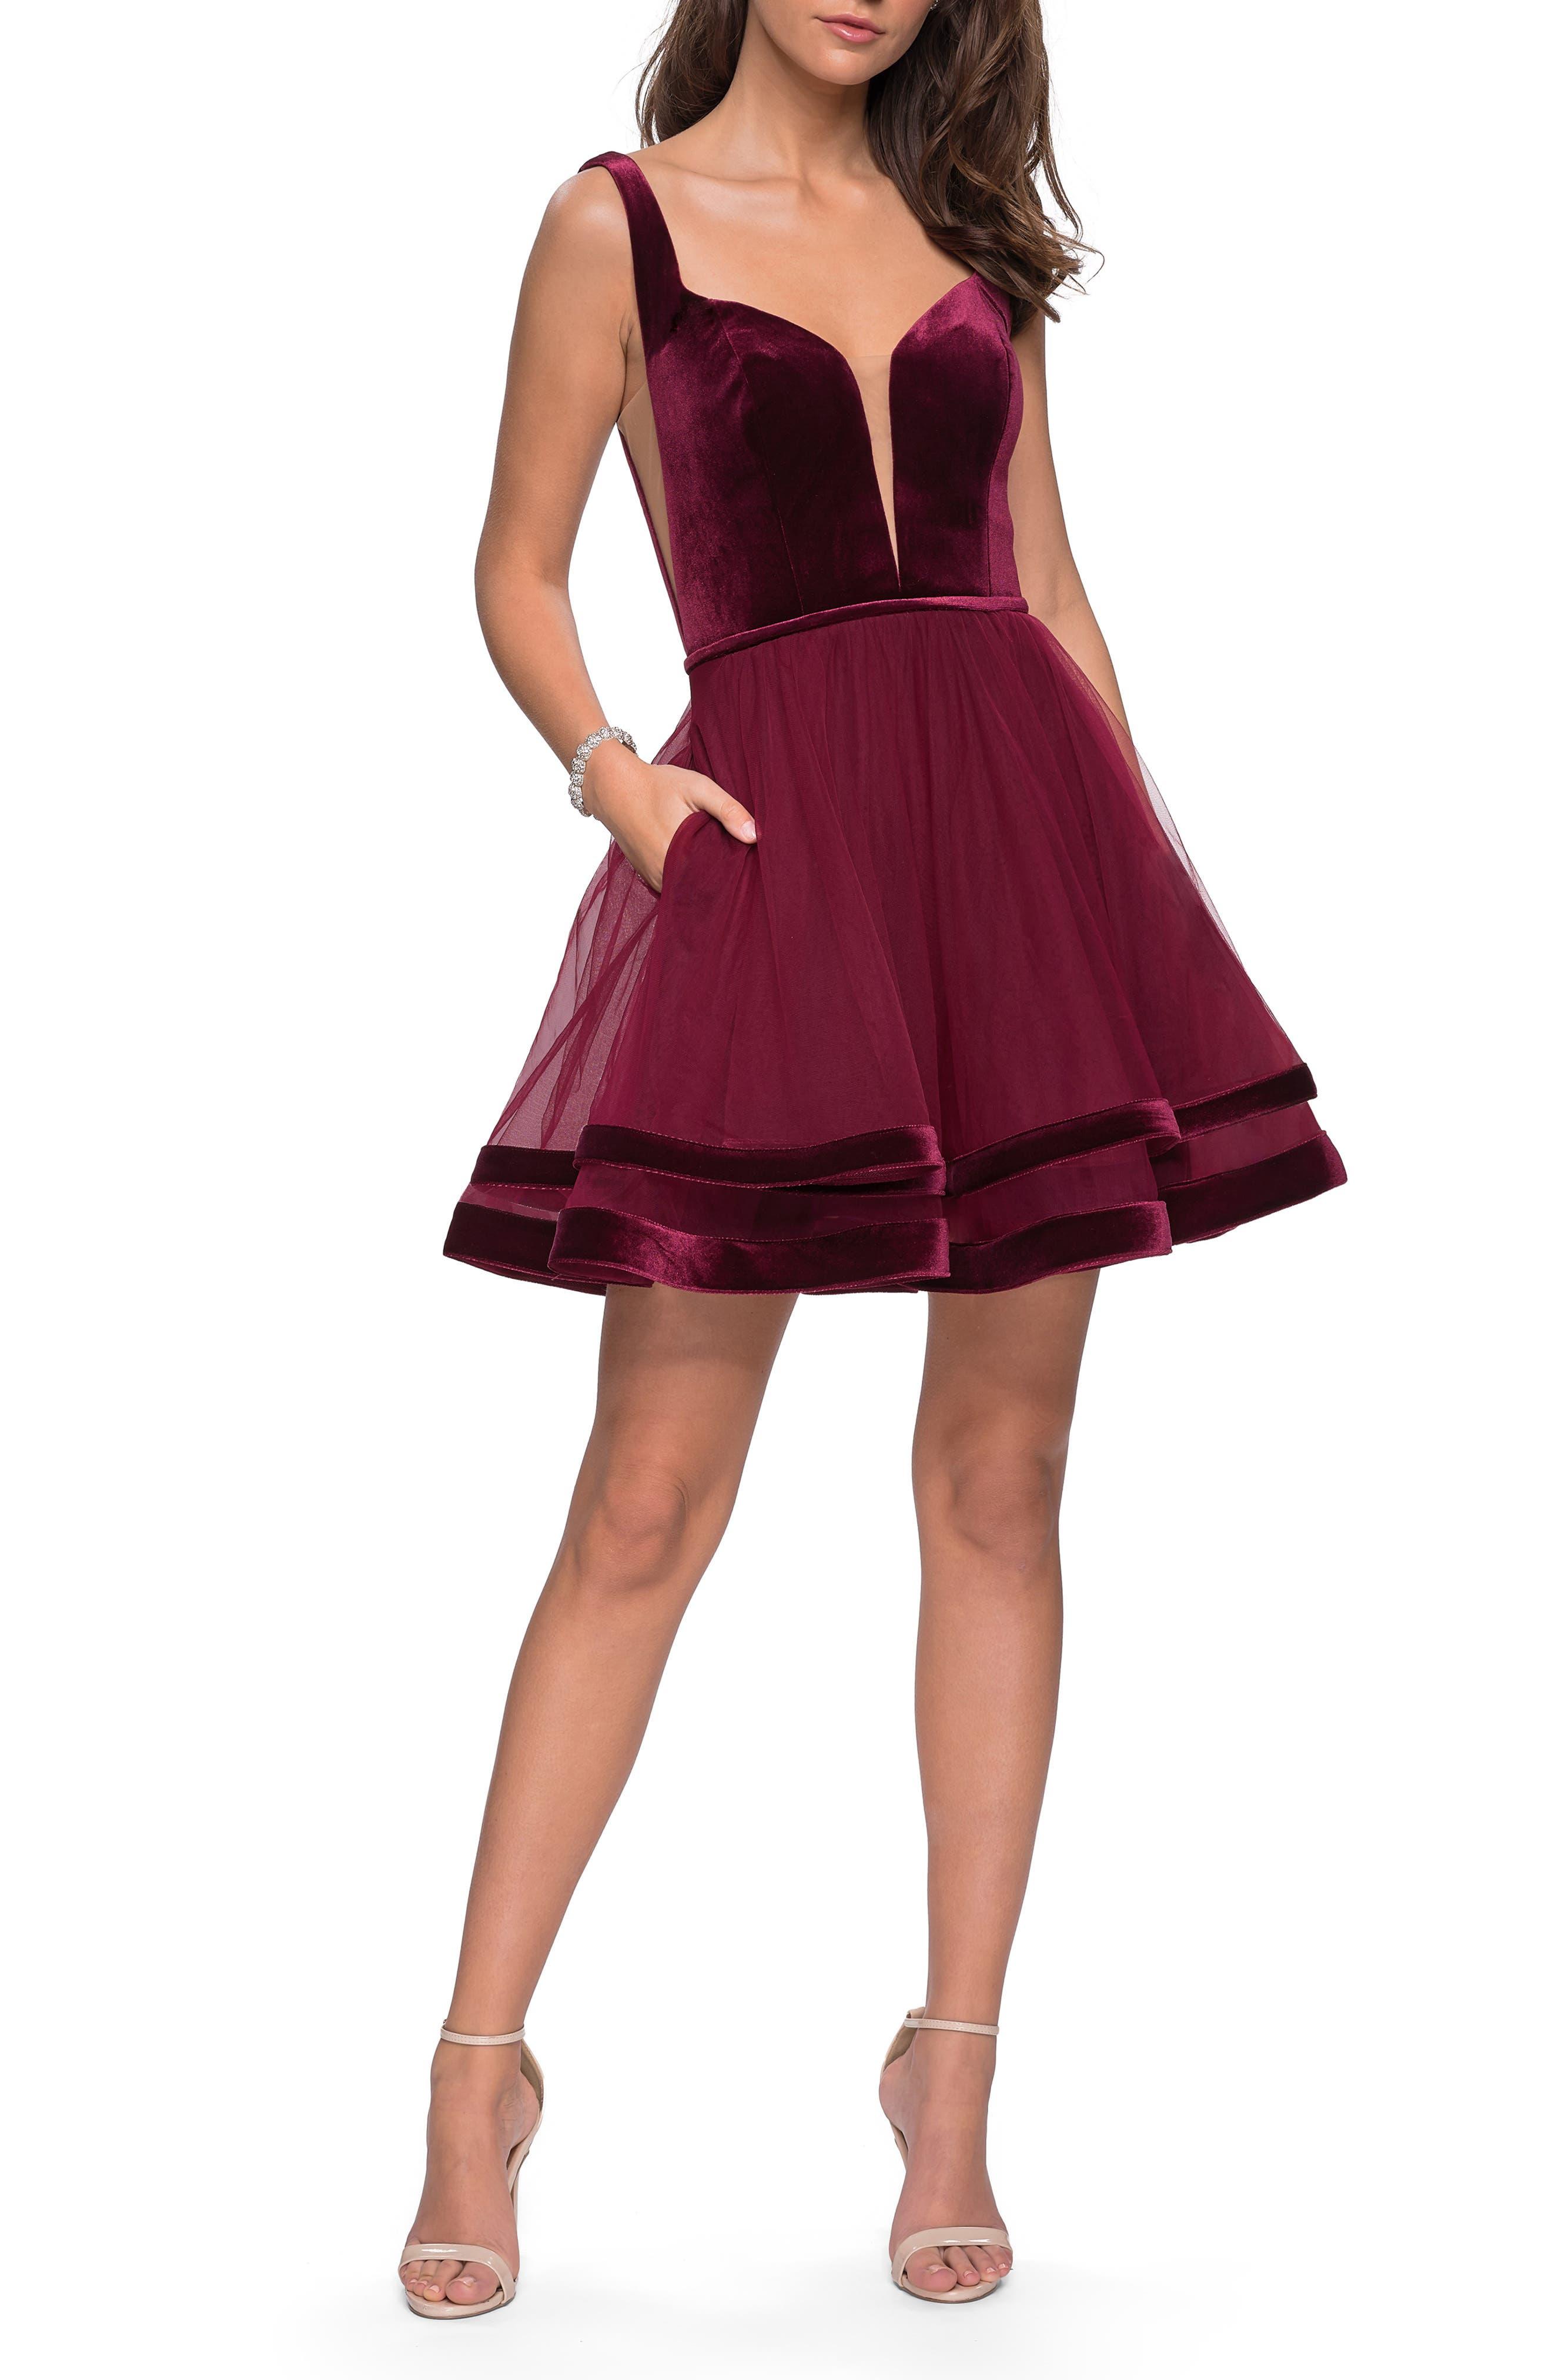 LA FEMME Velvet & Tulle Party Dress in Wine